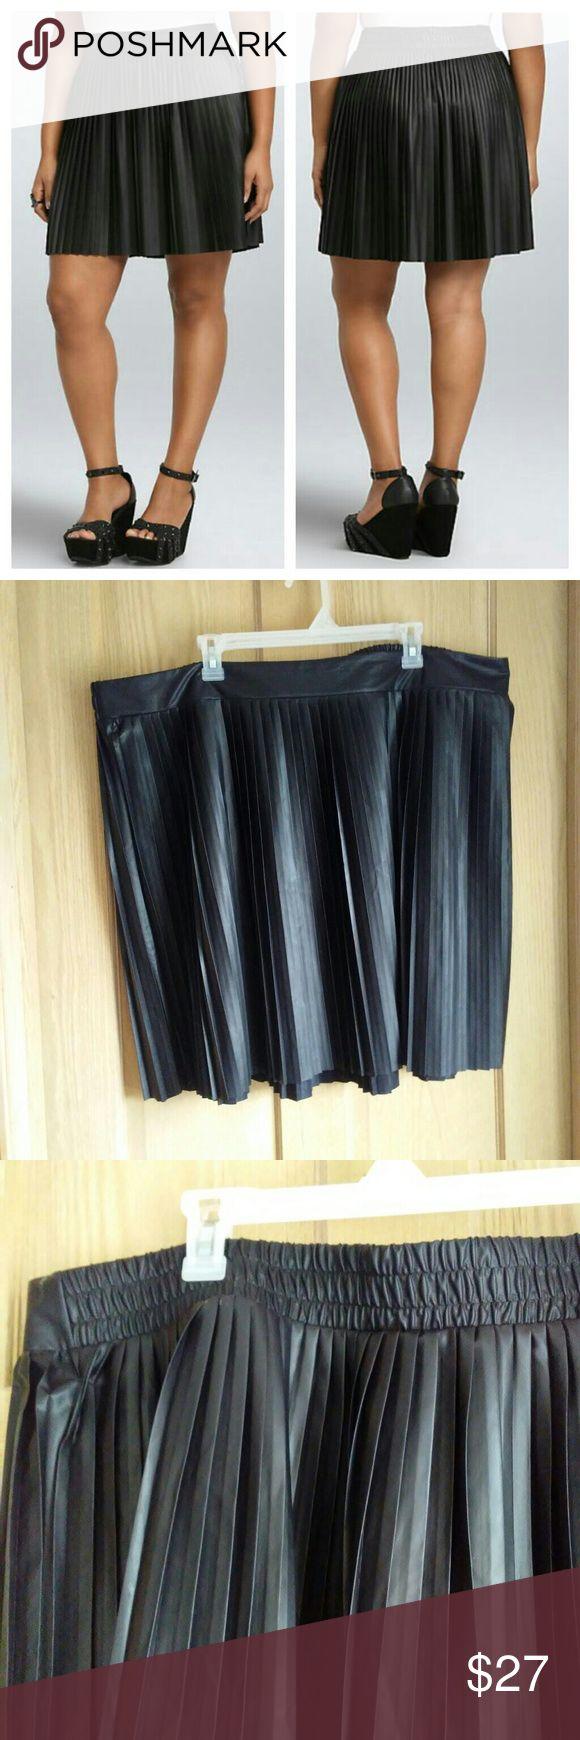 Torrid faux leather skater skirt Fun Torrid faux leather pleated skater skirt in great condition! torrid Skirts Circle & Skater